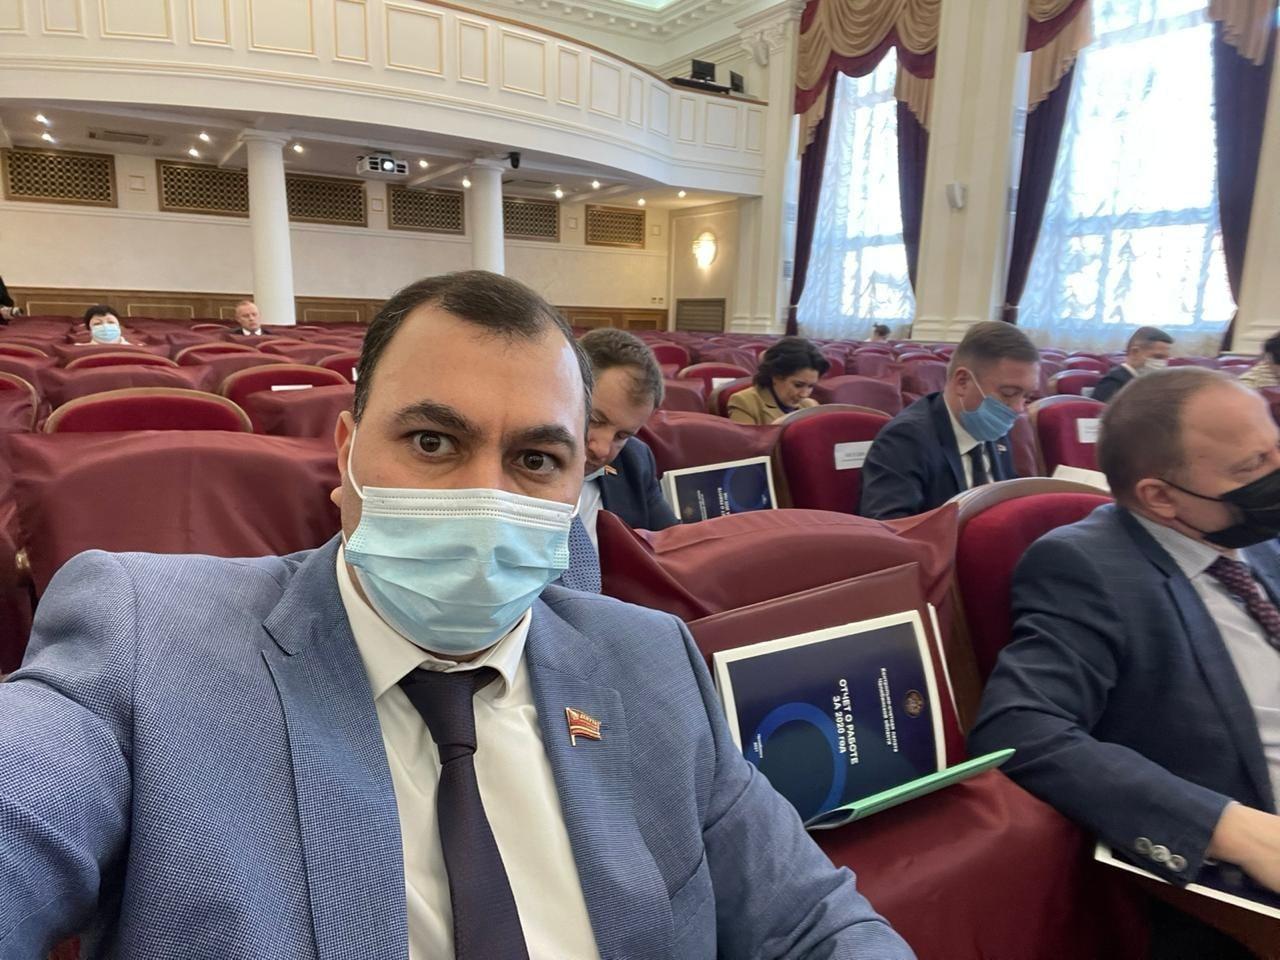 Депутат Заксобрания Аракелян задержан силовиками: подробности